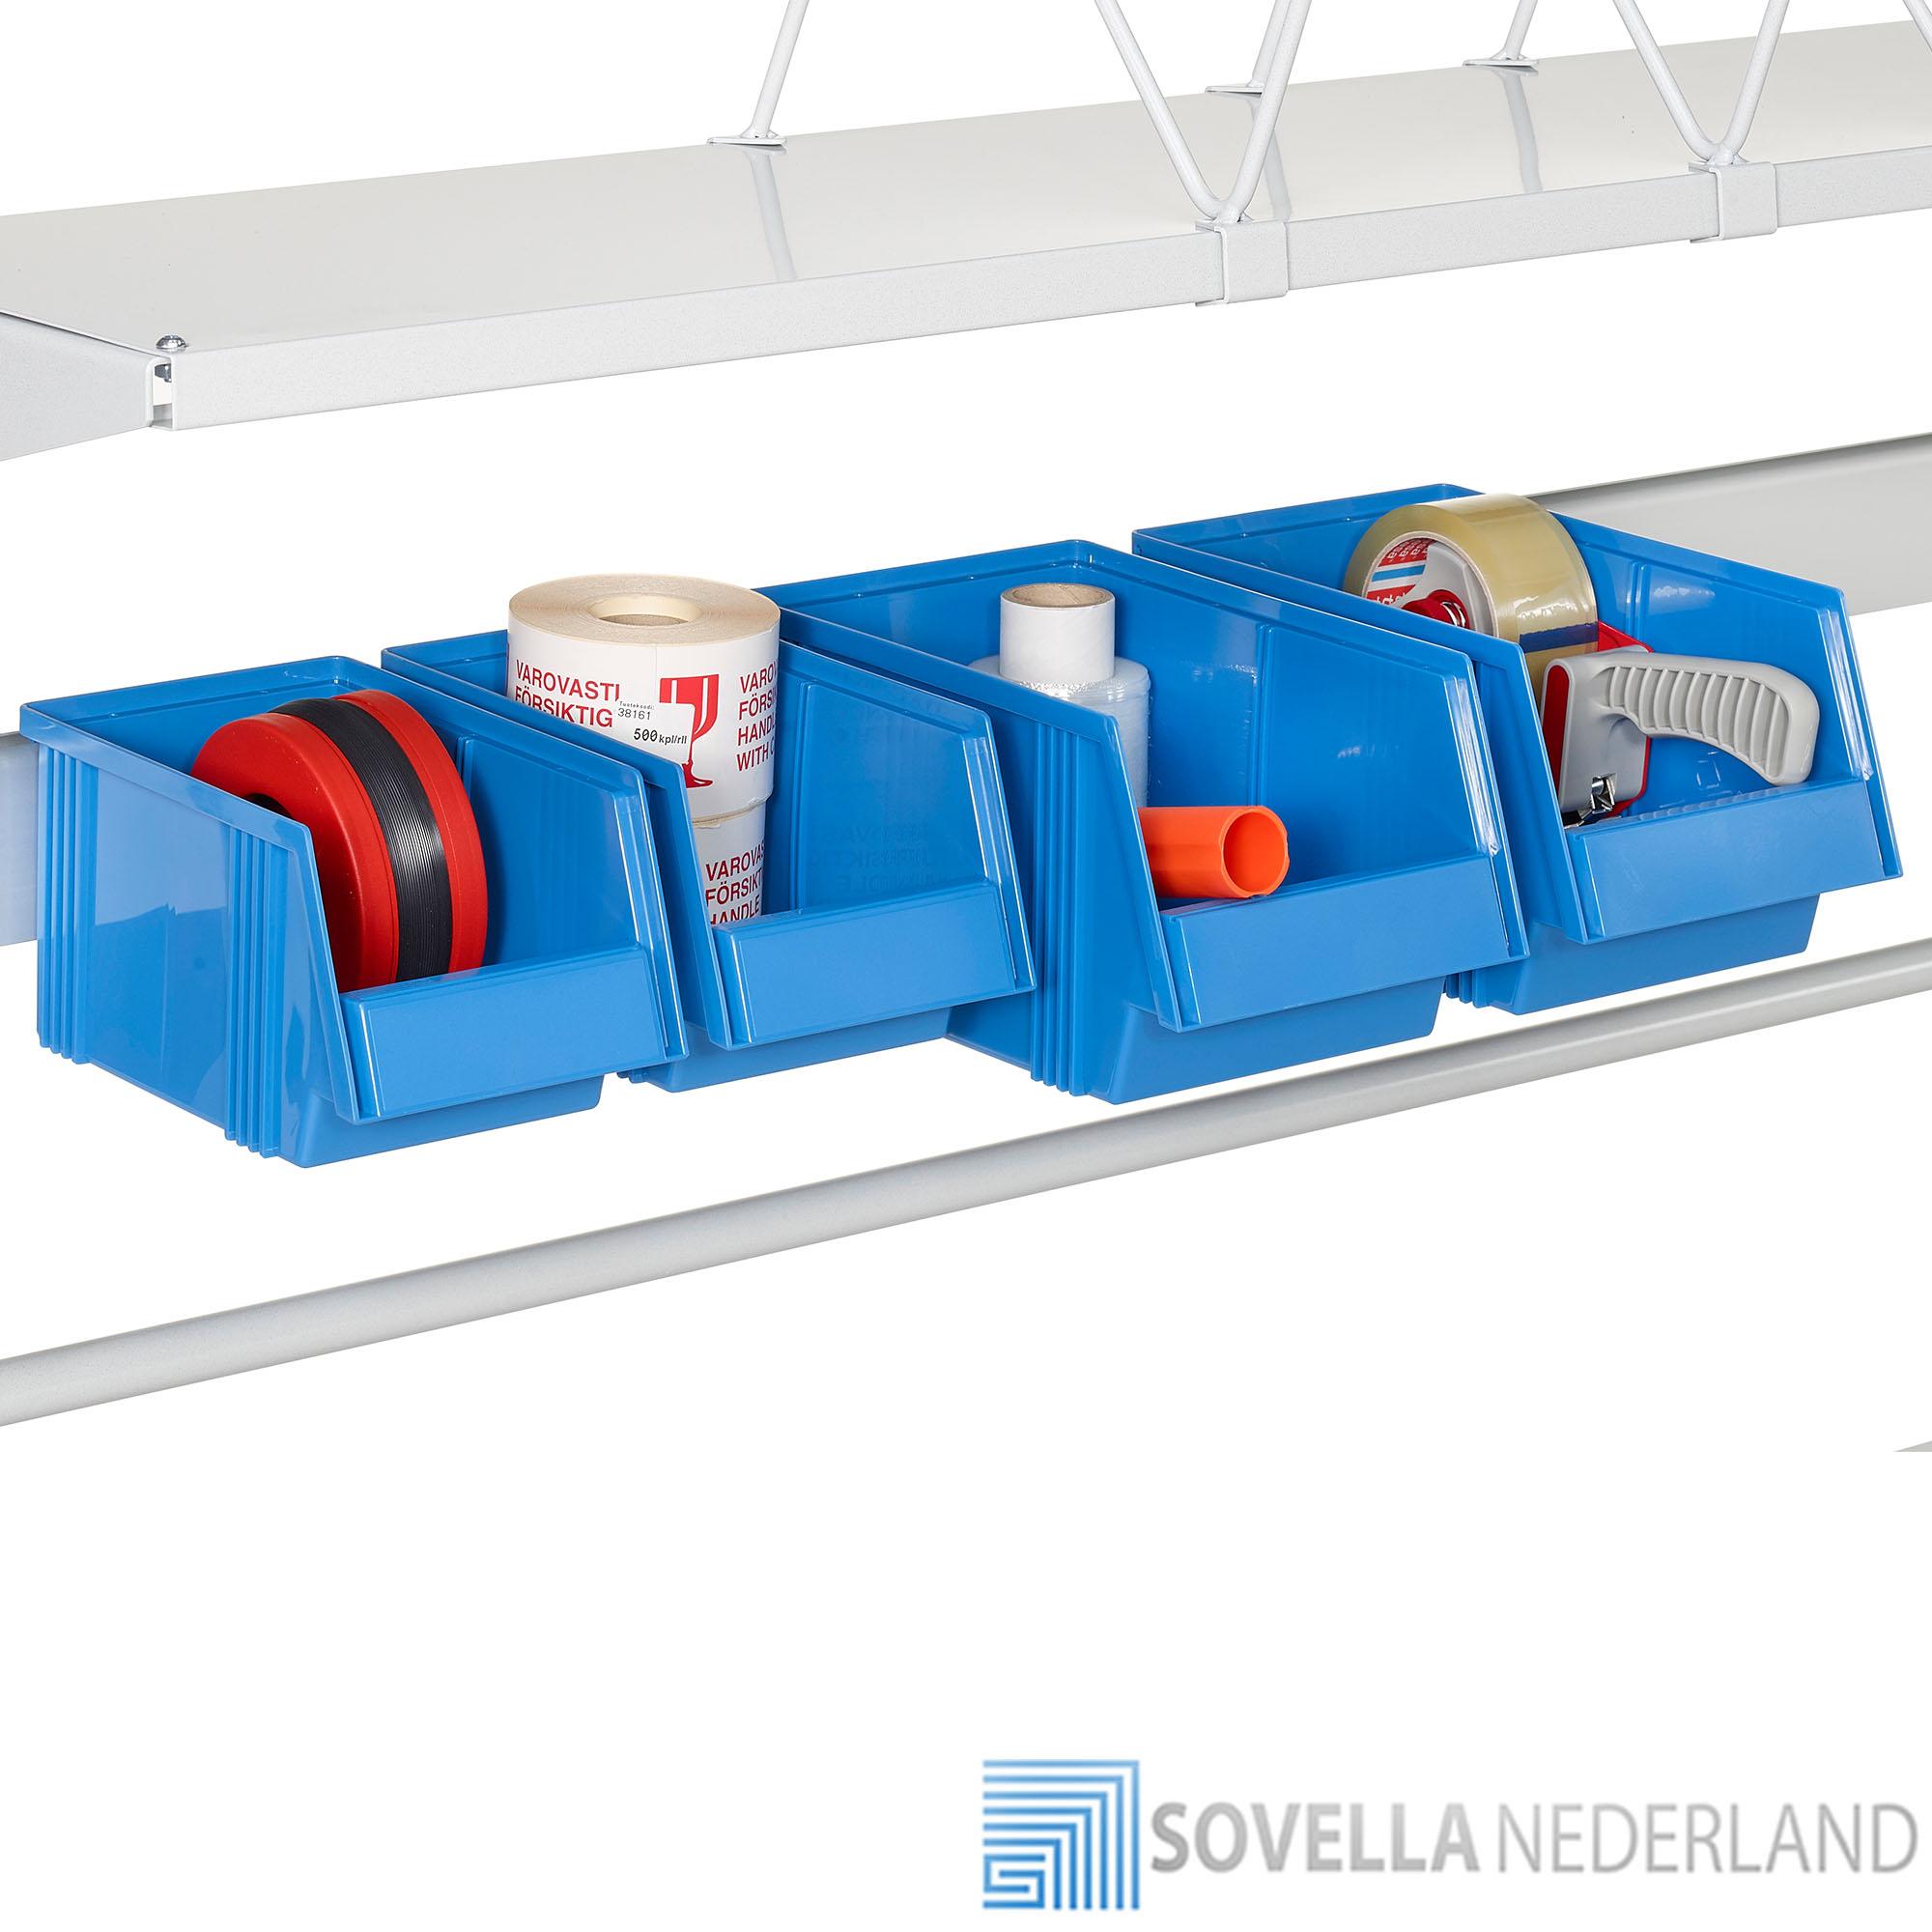 Grote uitbreiding accessoires voor inpaktafels